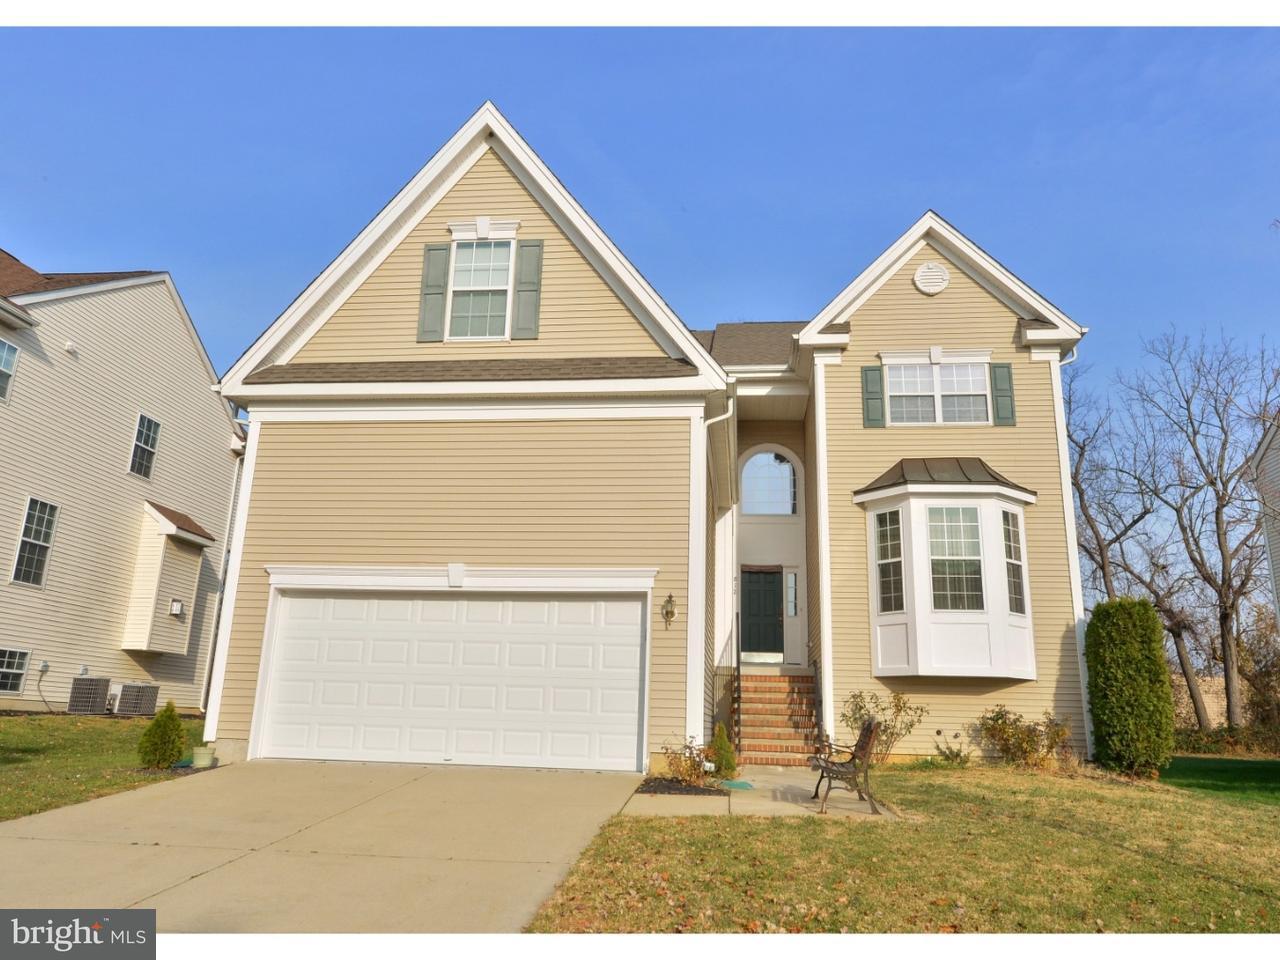 Casa Unifamiliar por un Venta en 812 KENSINGTON Drive Thorofare, Nueva Jersey 08086 Estados Unidos